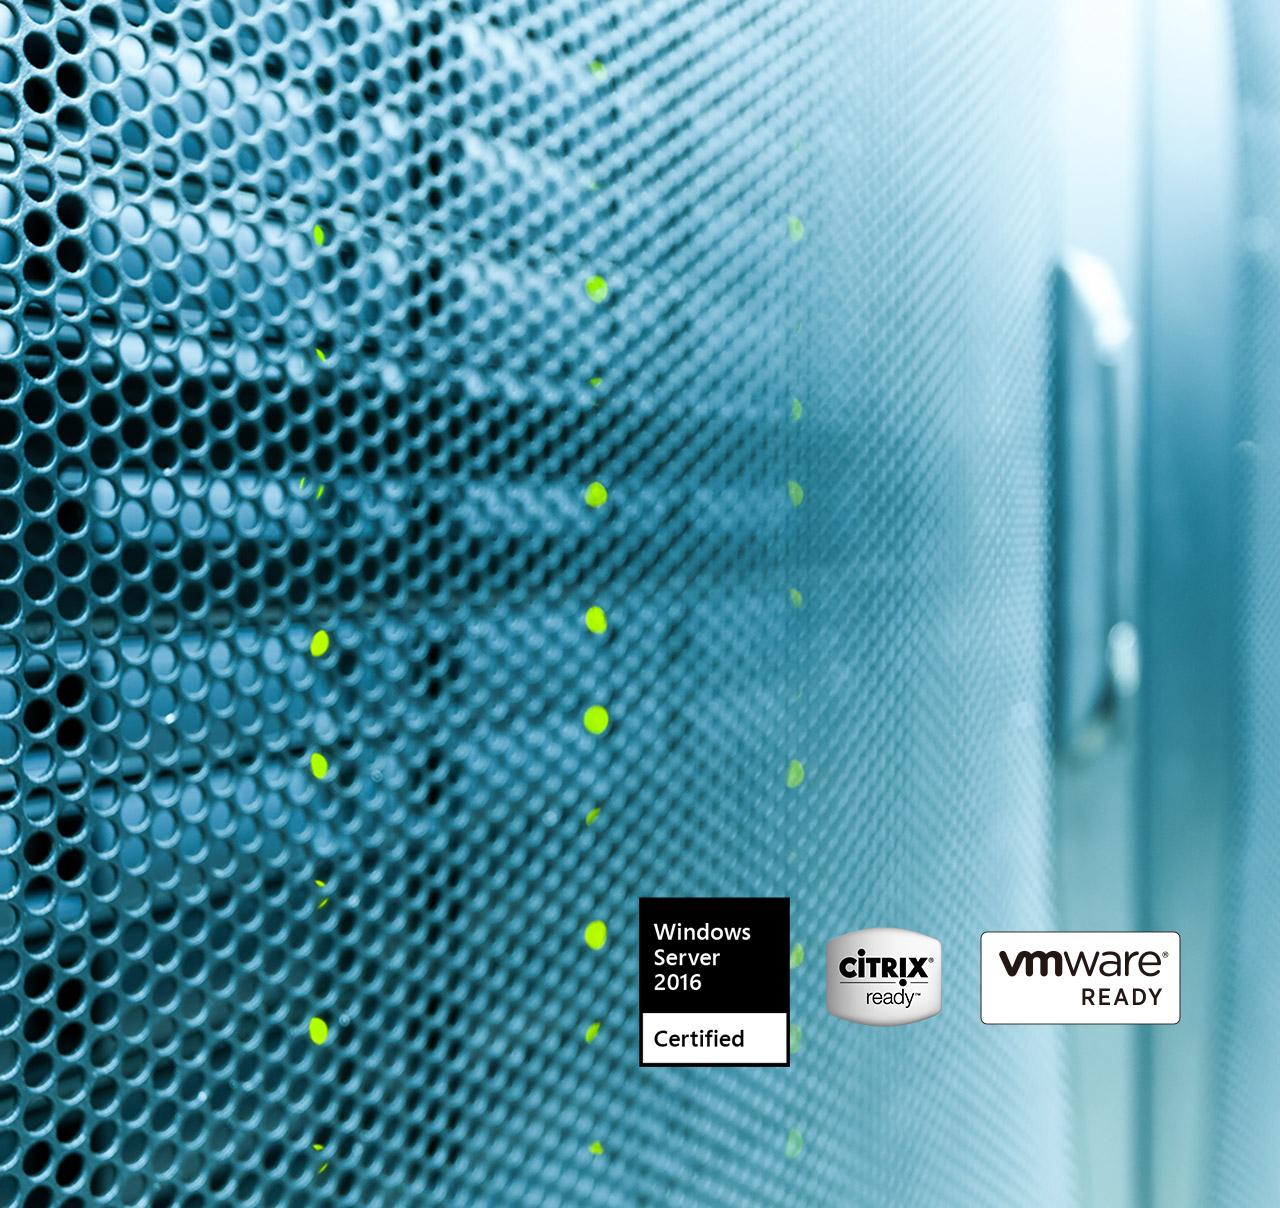 virtualization bg 2016